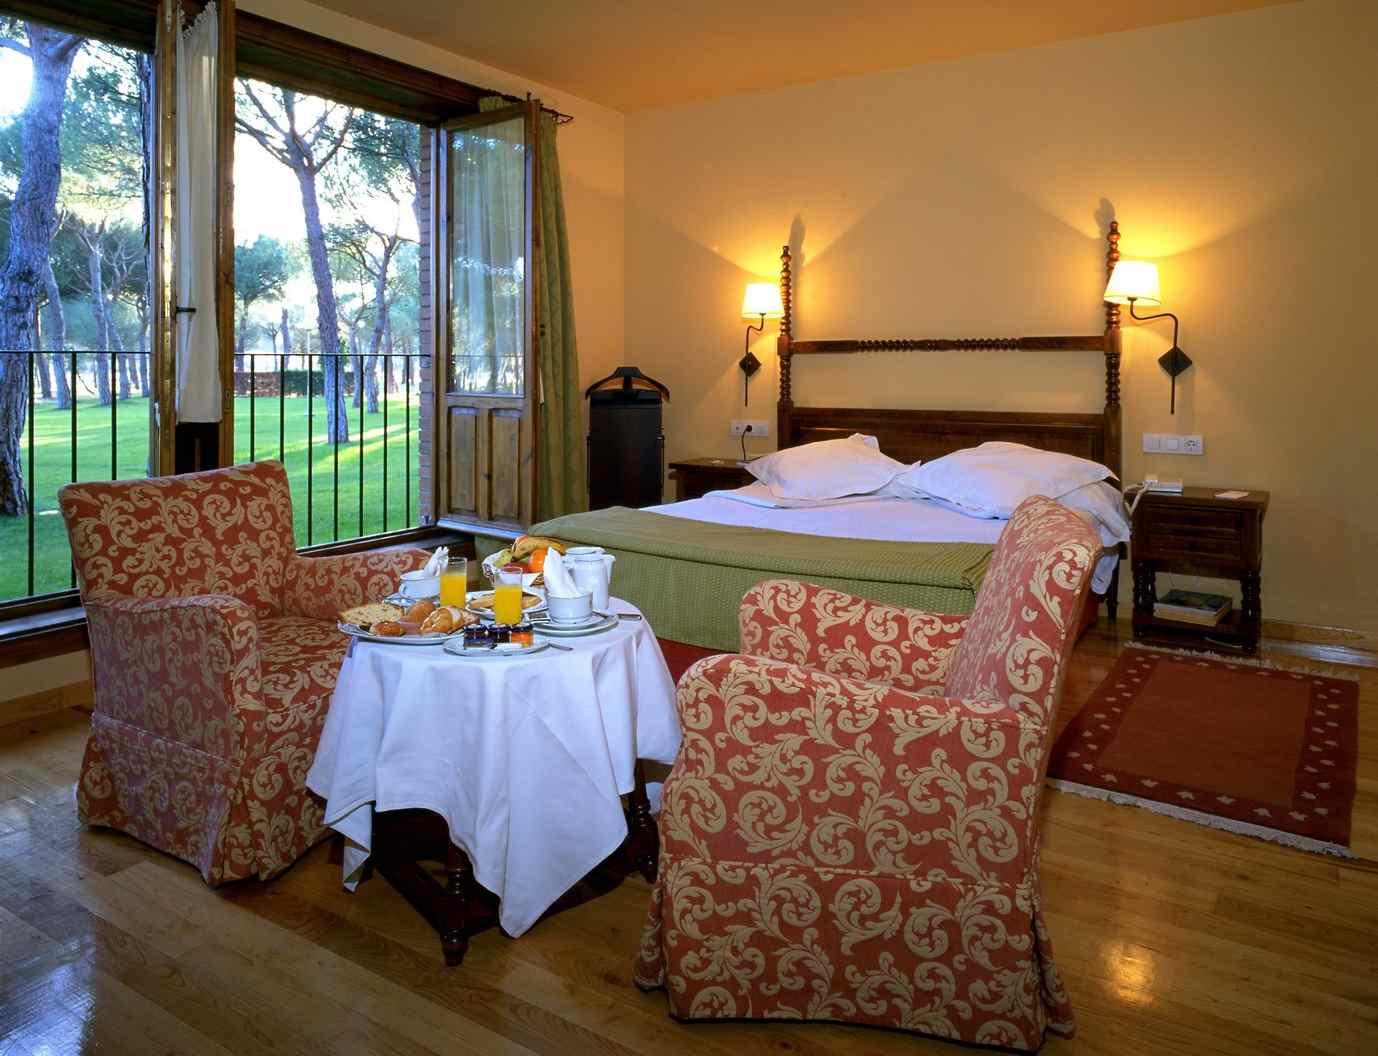 Habitación del Hotel Parador de Tordesillas